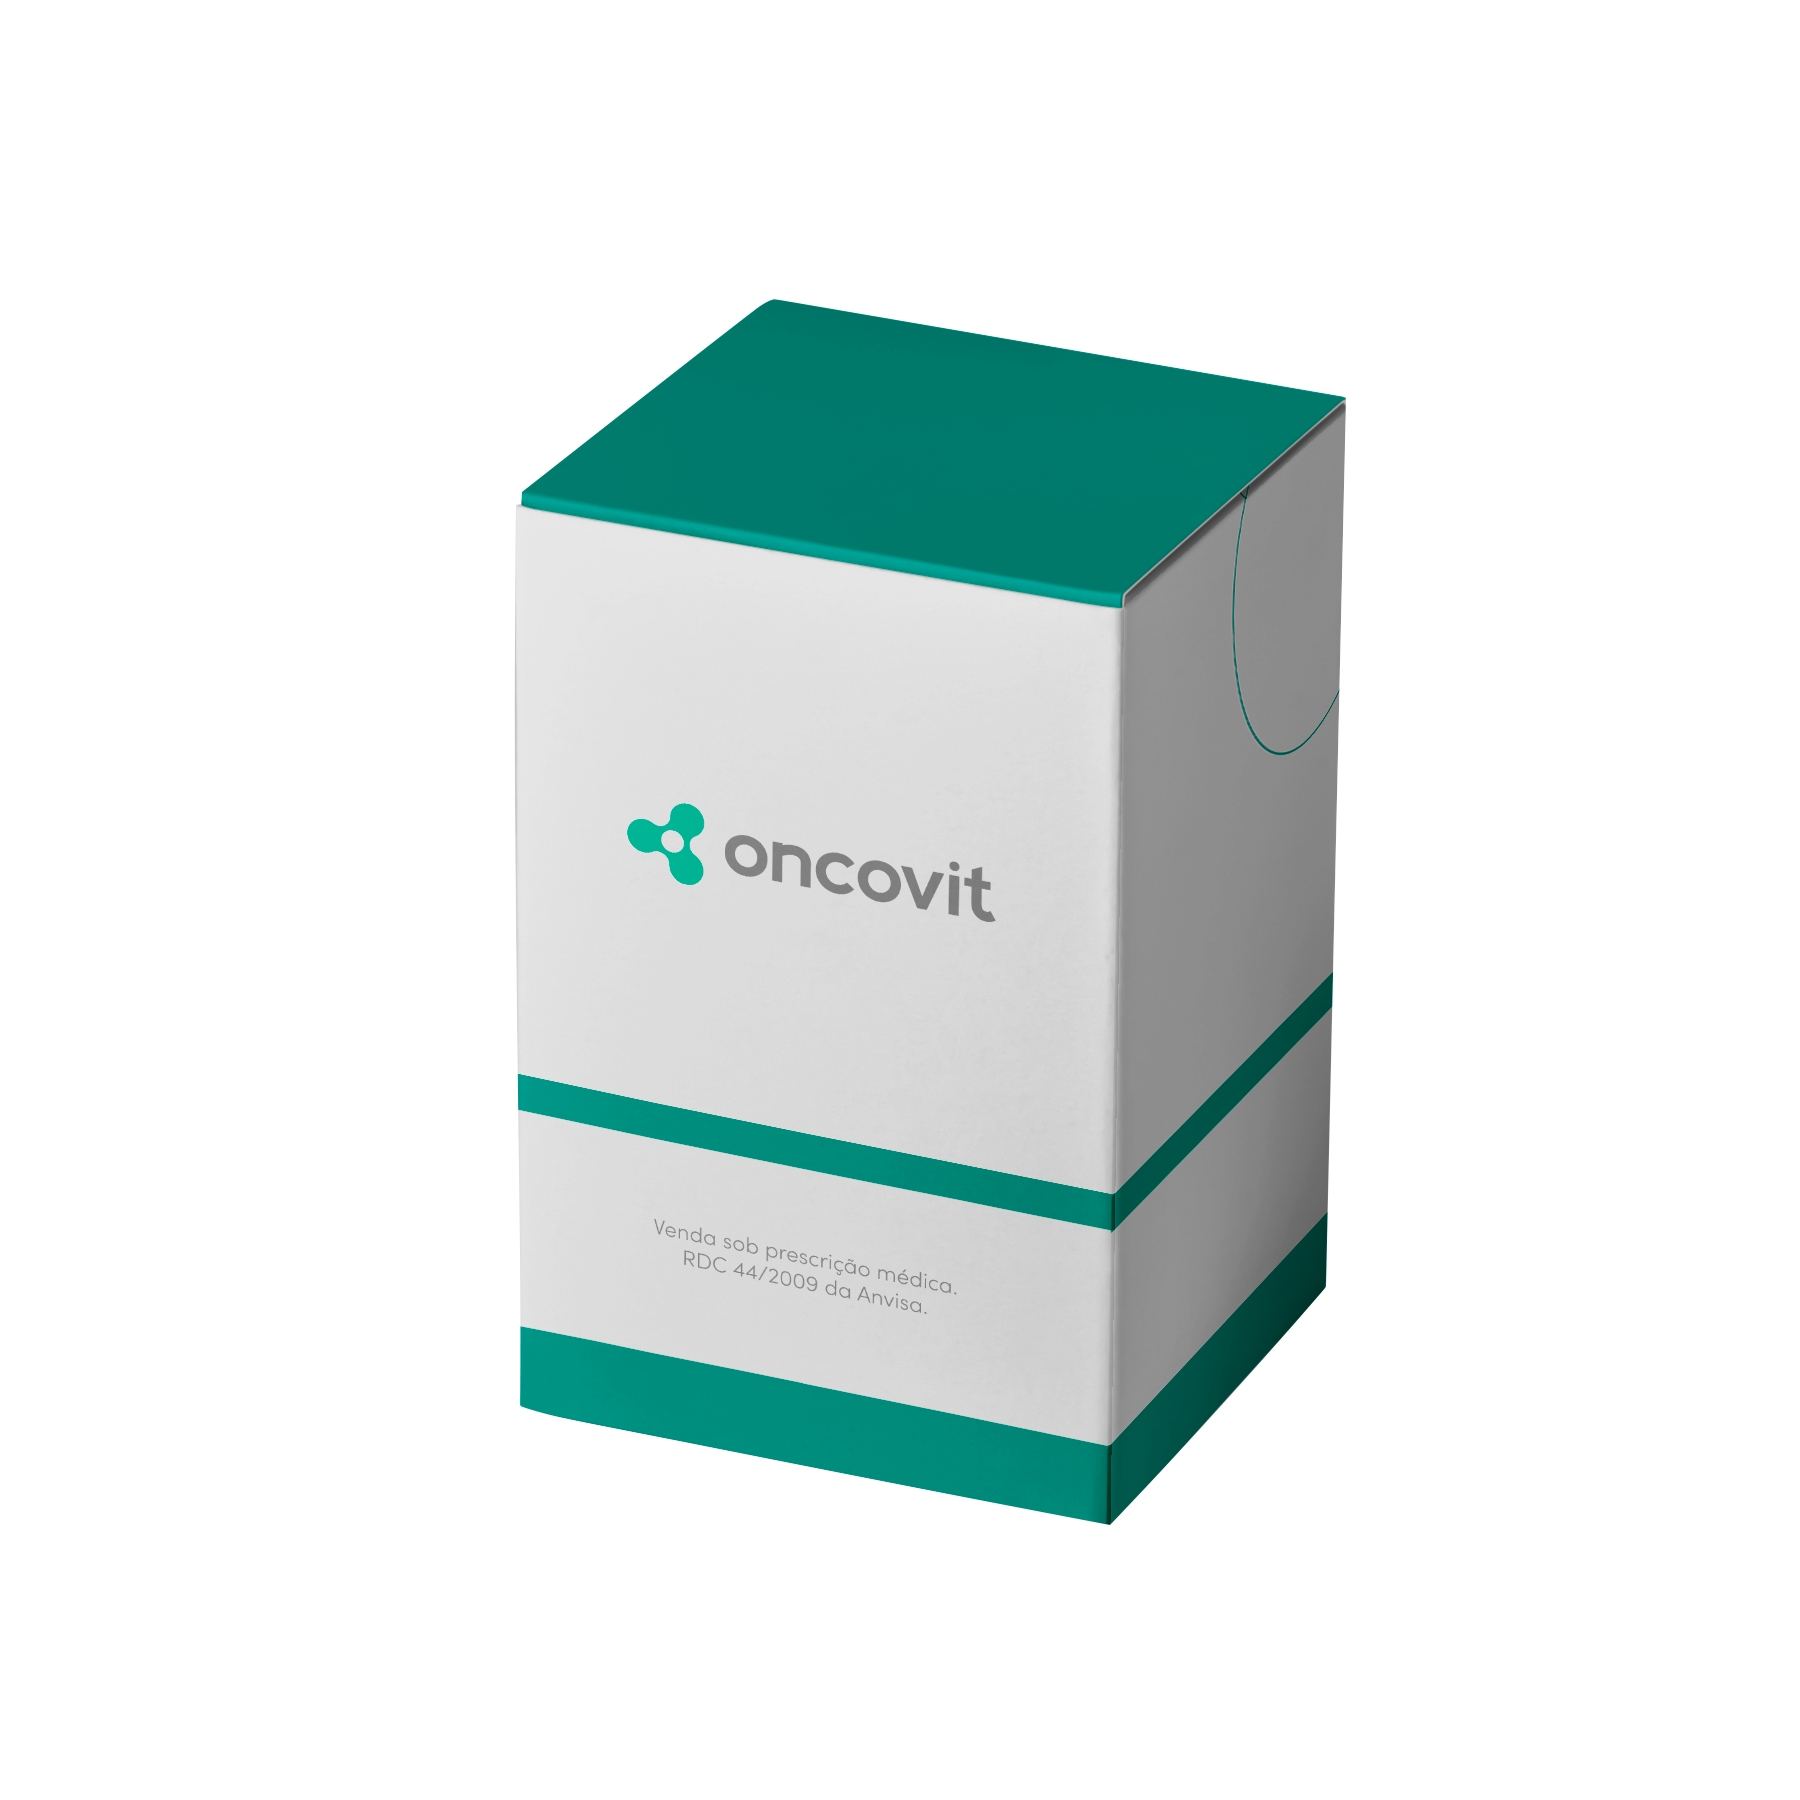 Hyrimoz 40mg/0,8ml 2 seringas pre prenchidas